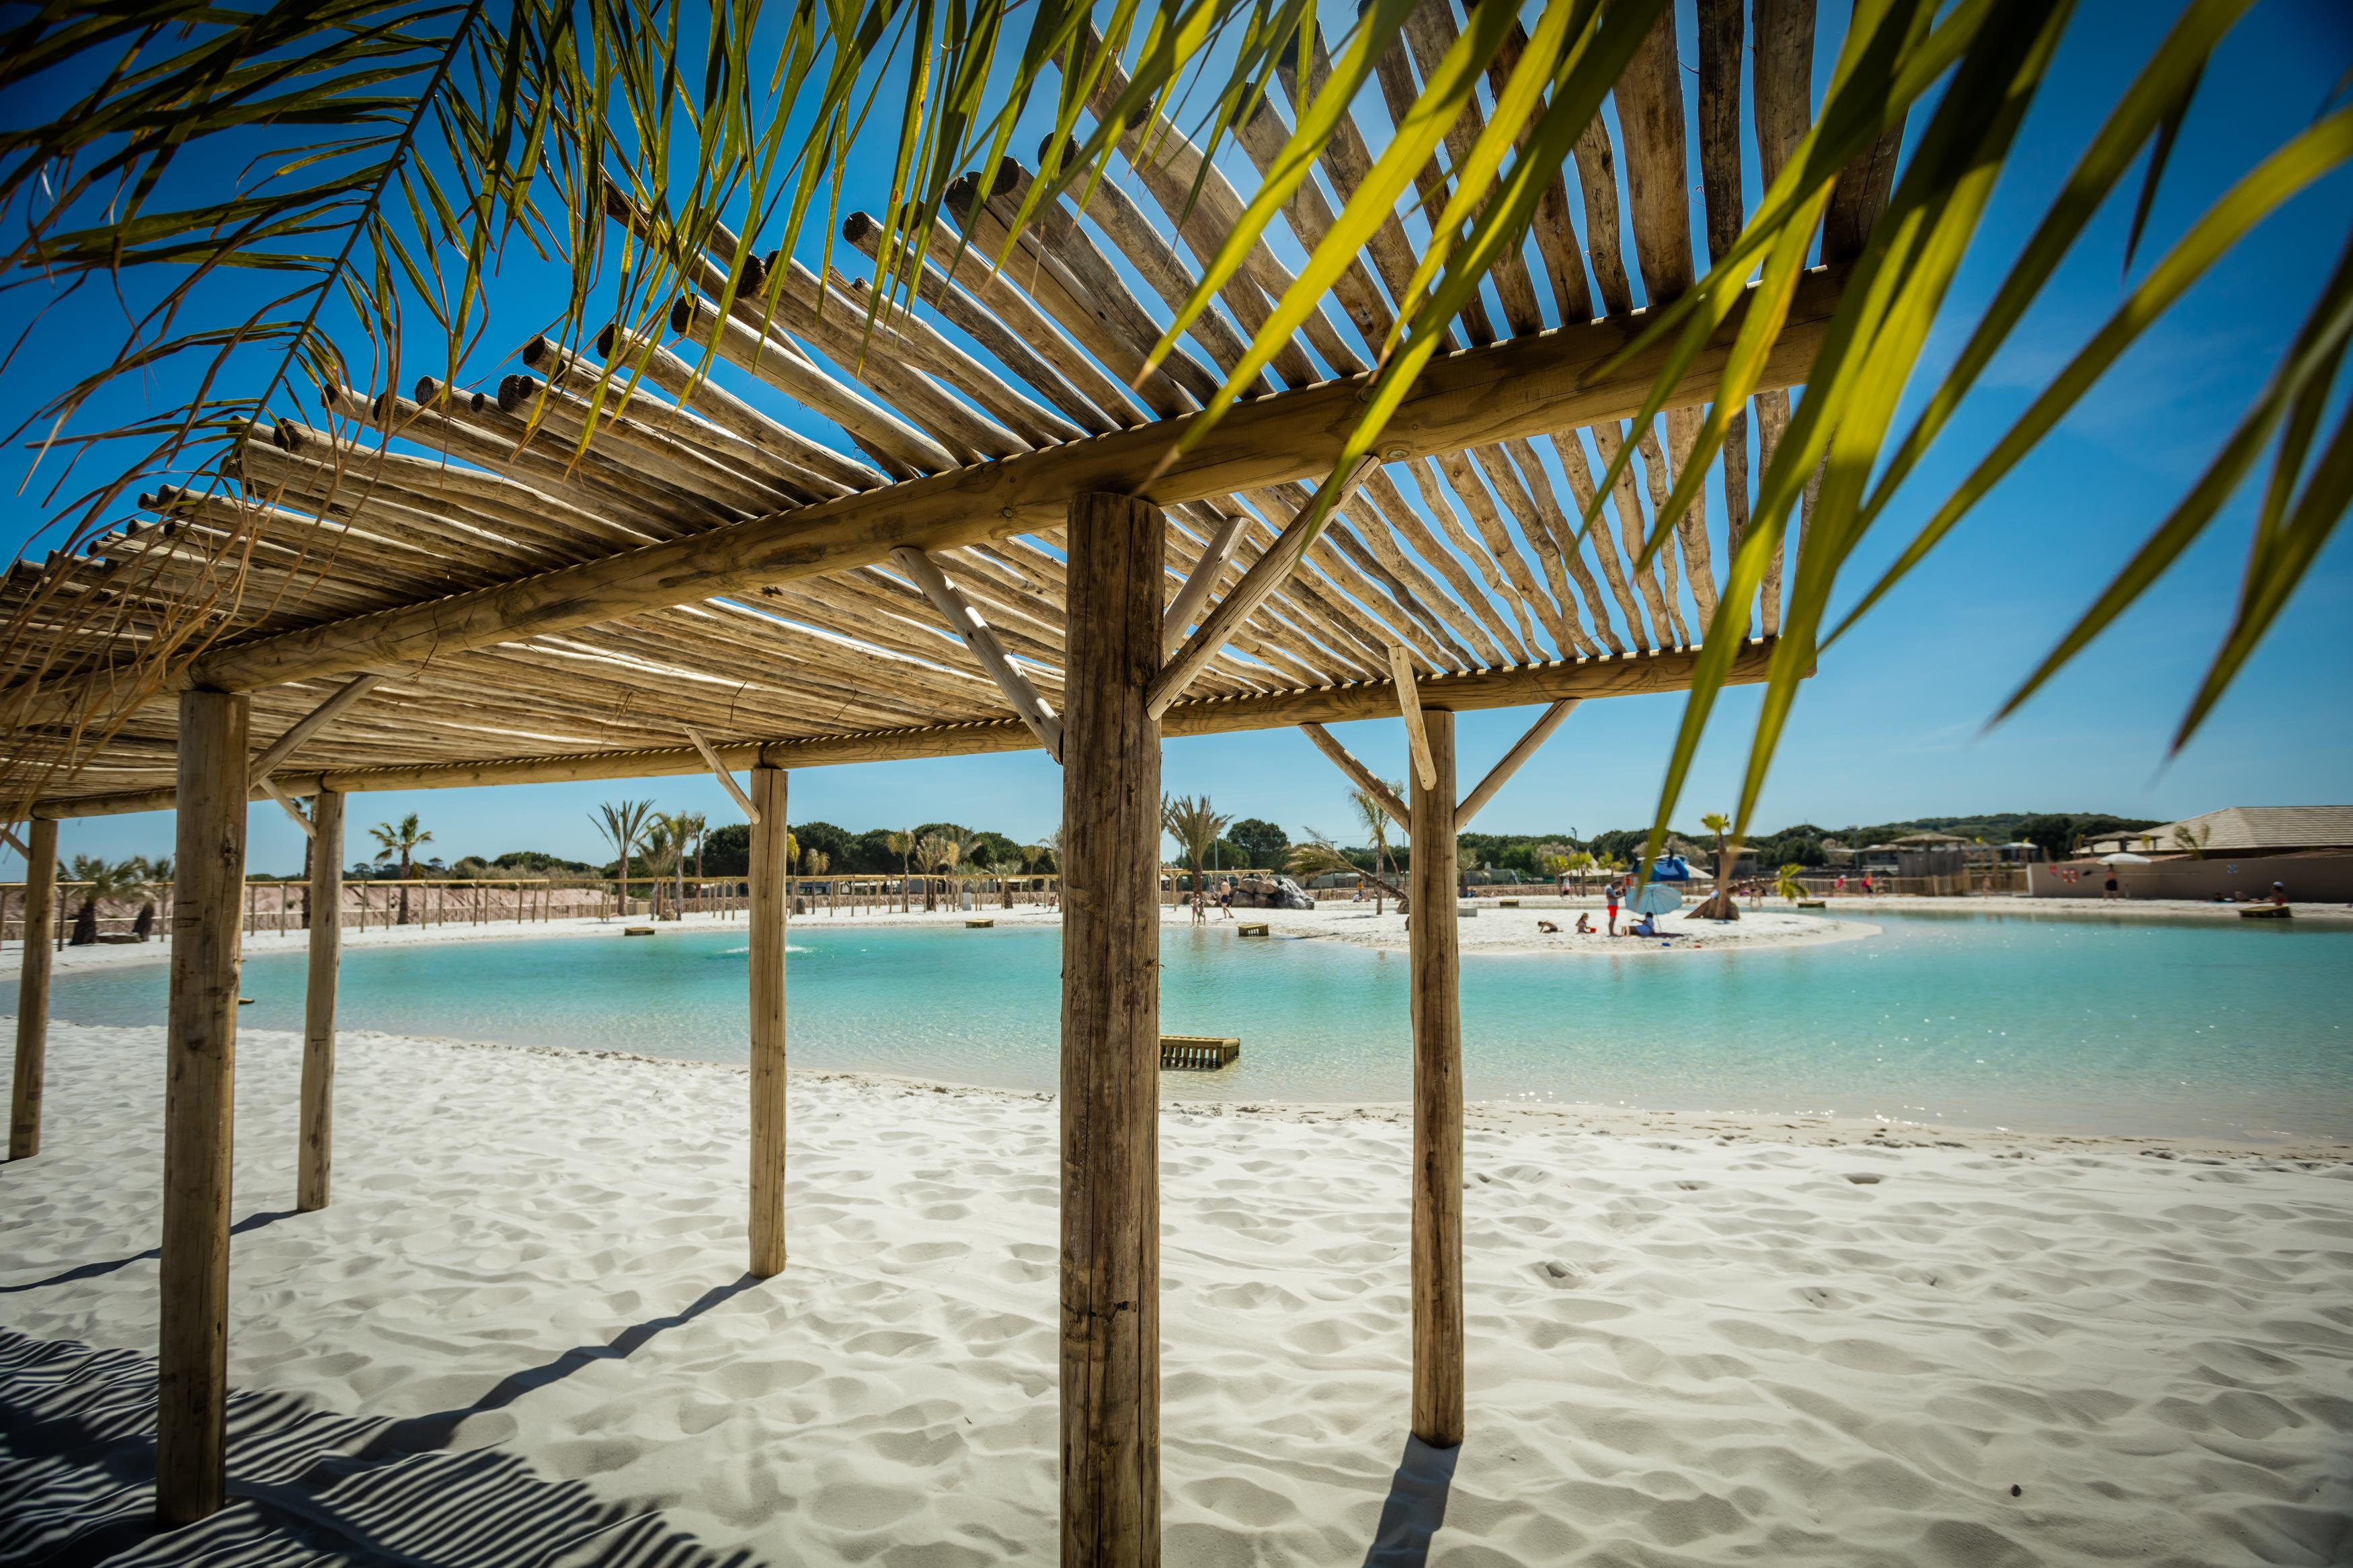 lagune strand luifel zandparaplu zee recreatie